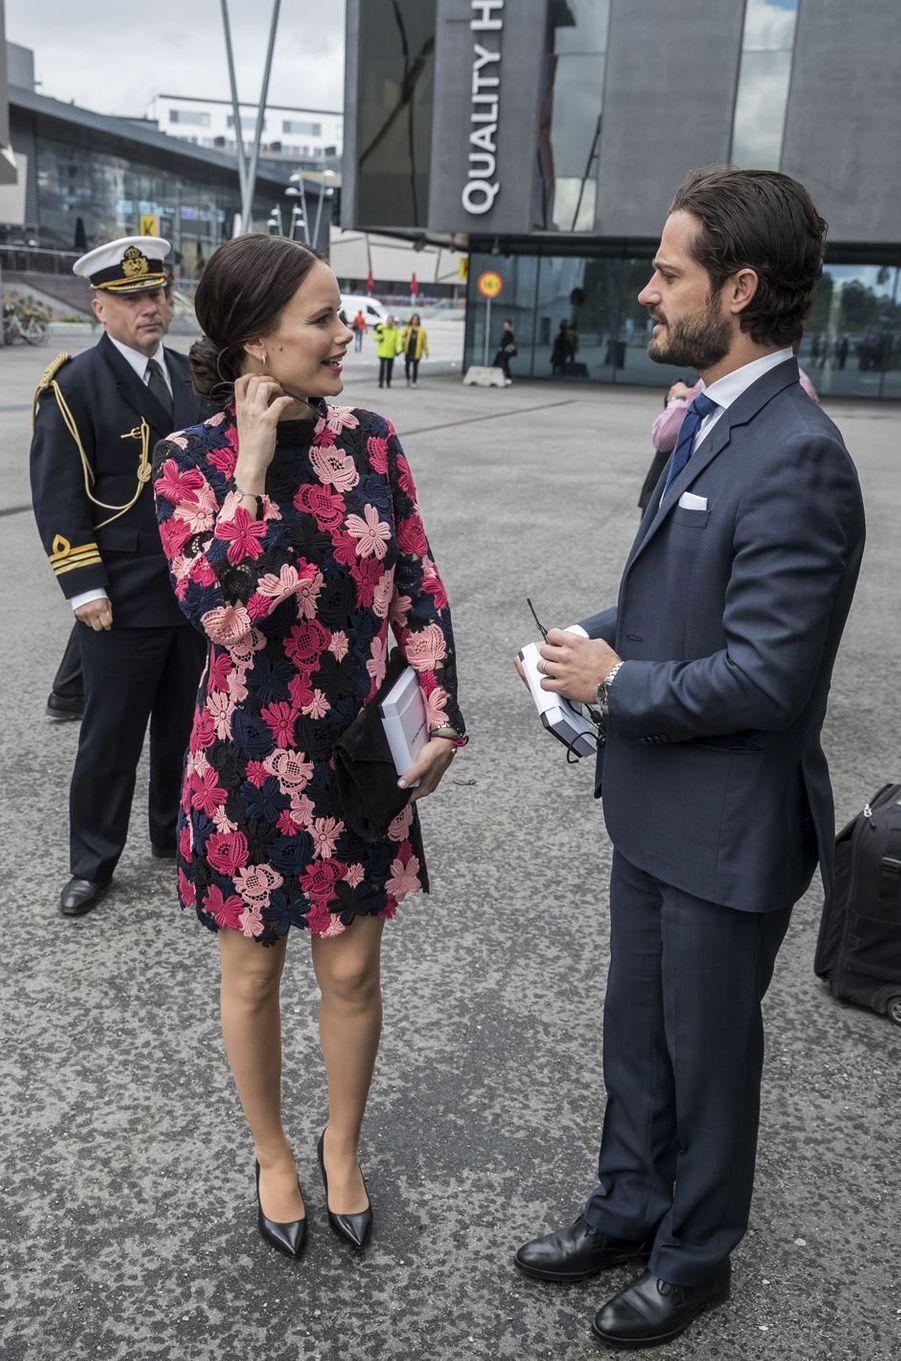 La princesse Sofia, née Hellqvist, et le prince Carl Philip de Suède à Solna, le 7 mai 2017